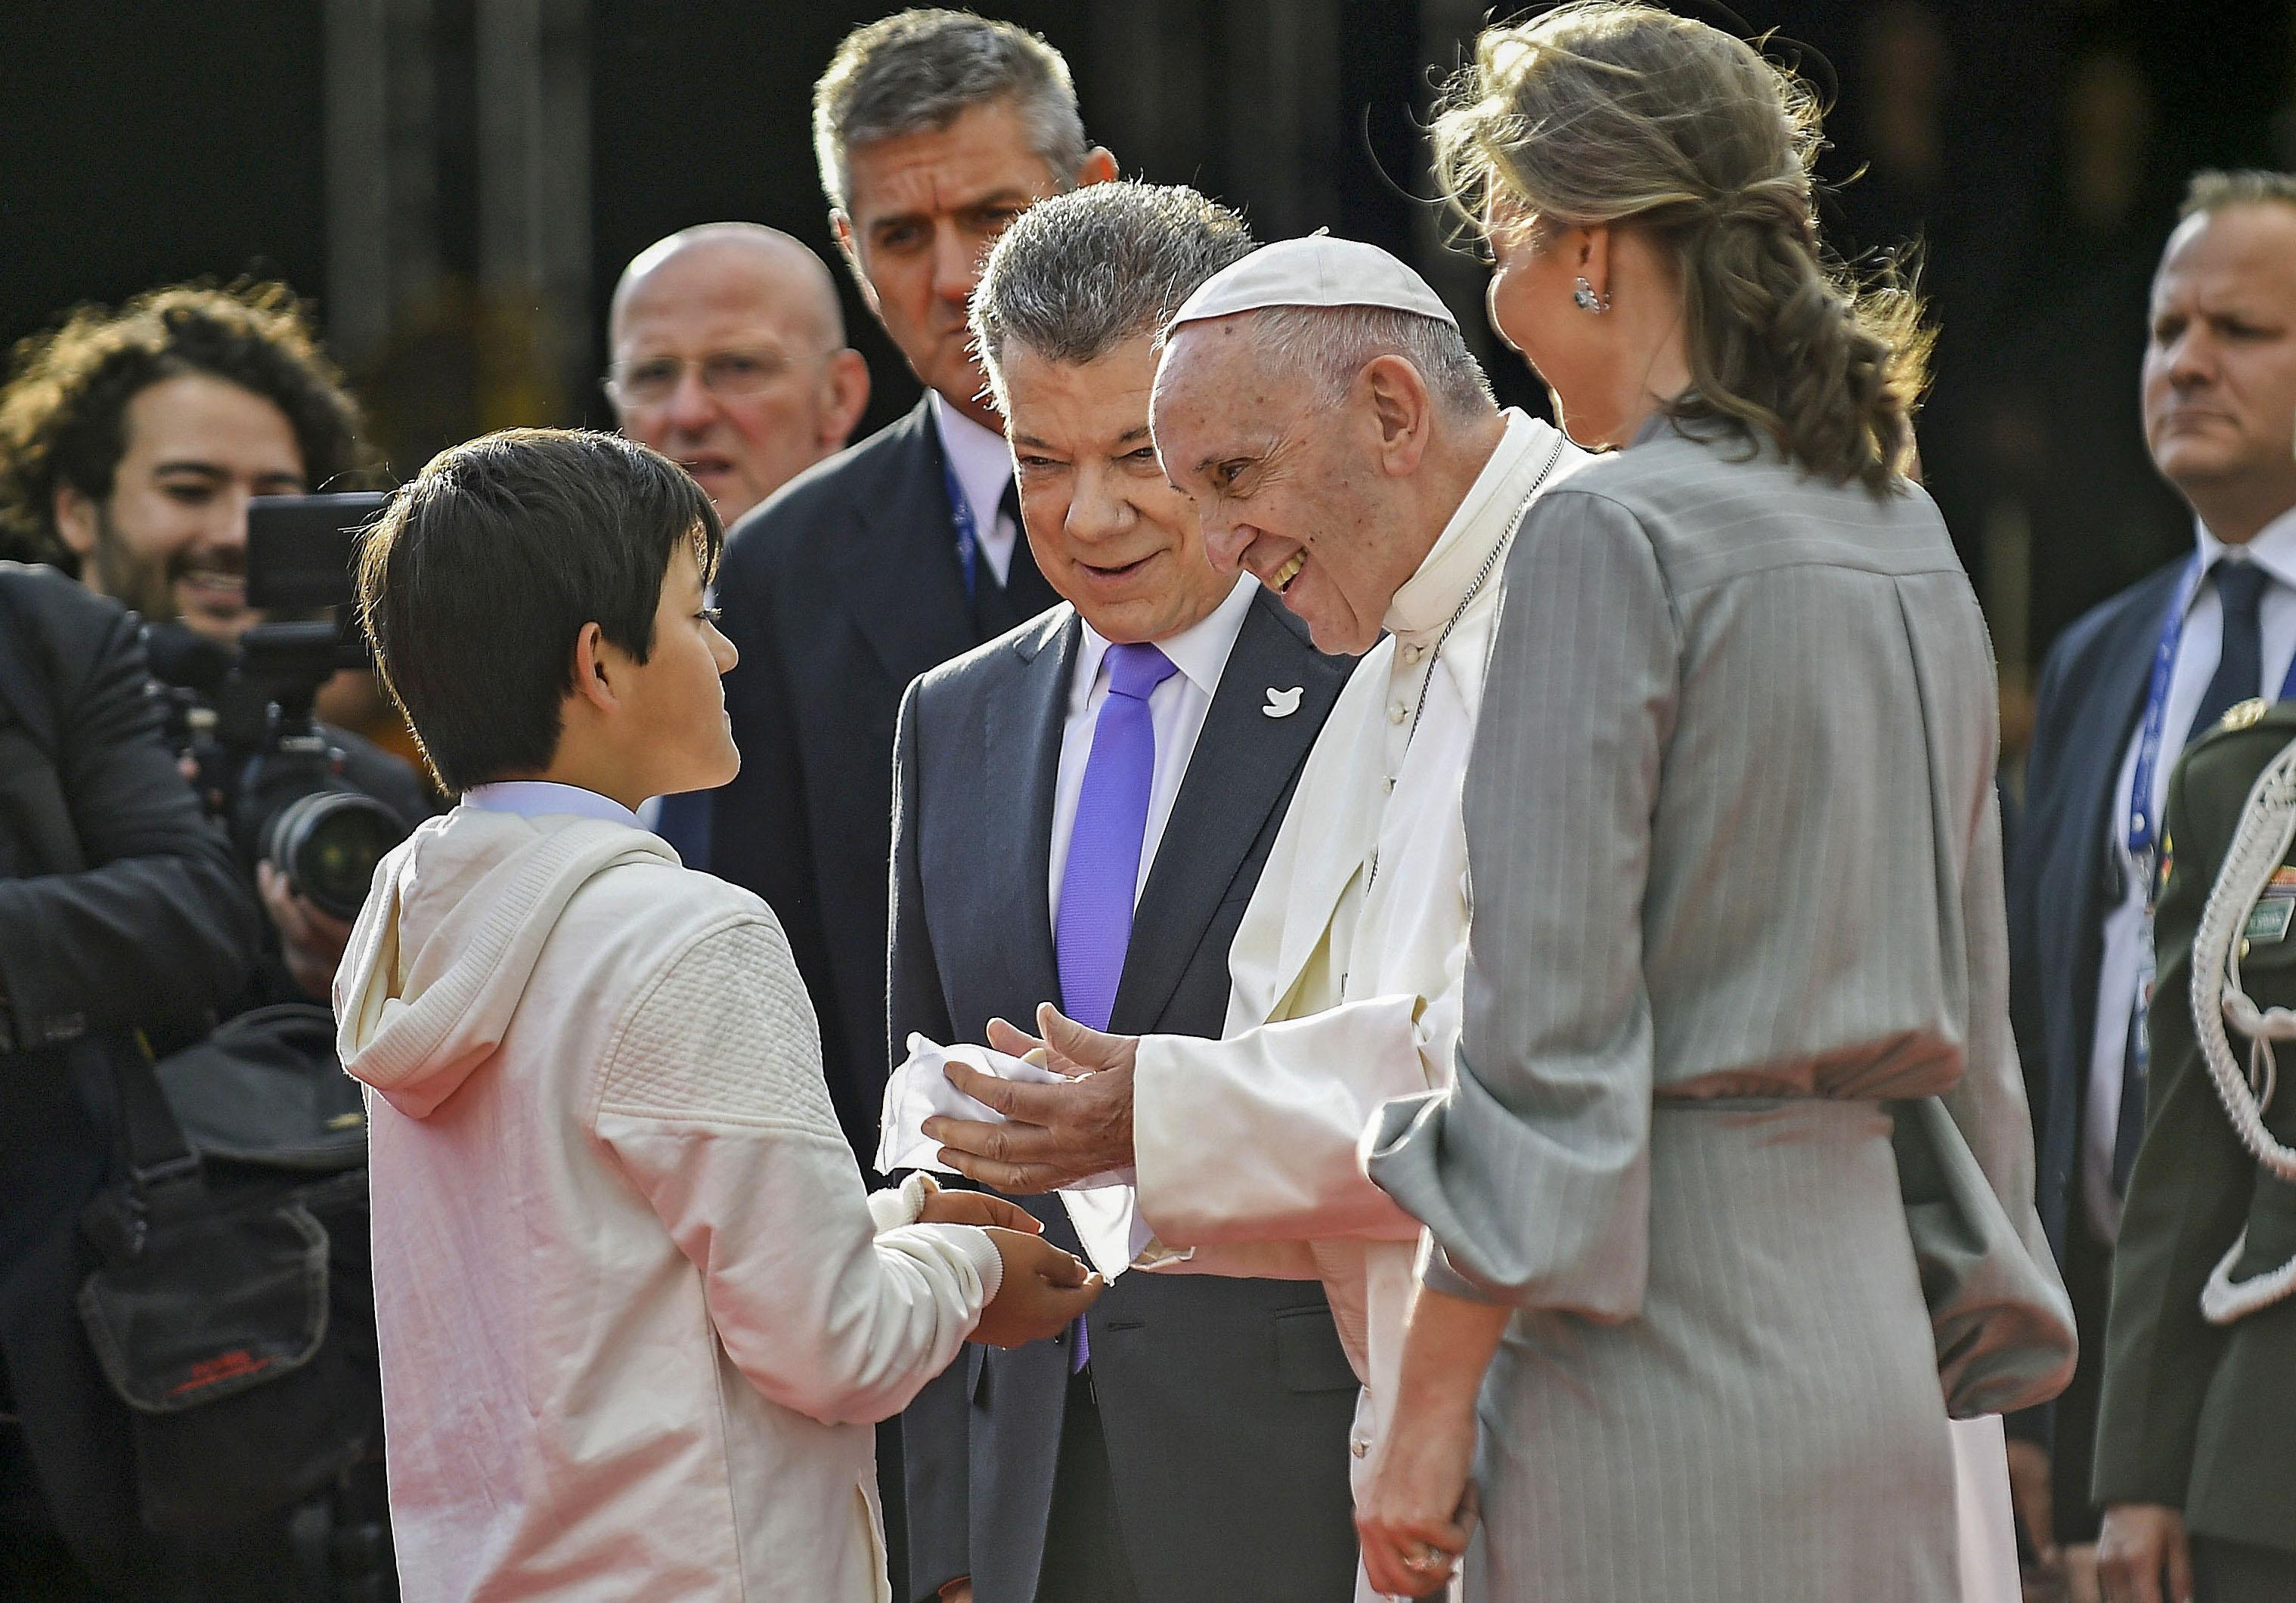 La refrendación del Papa